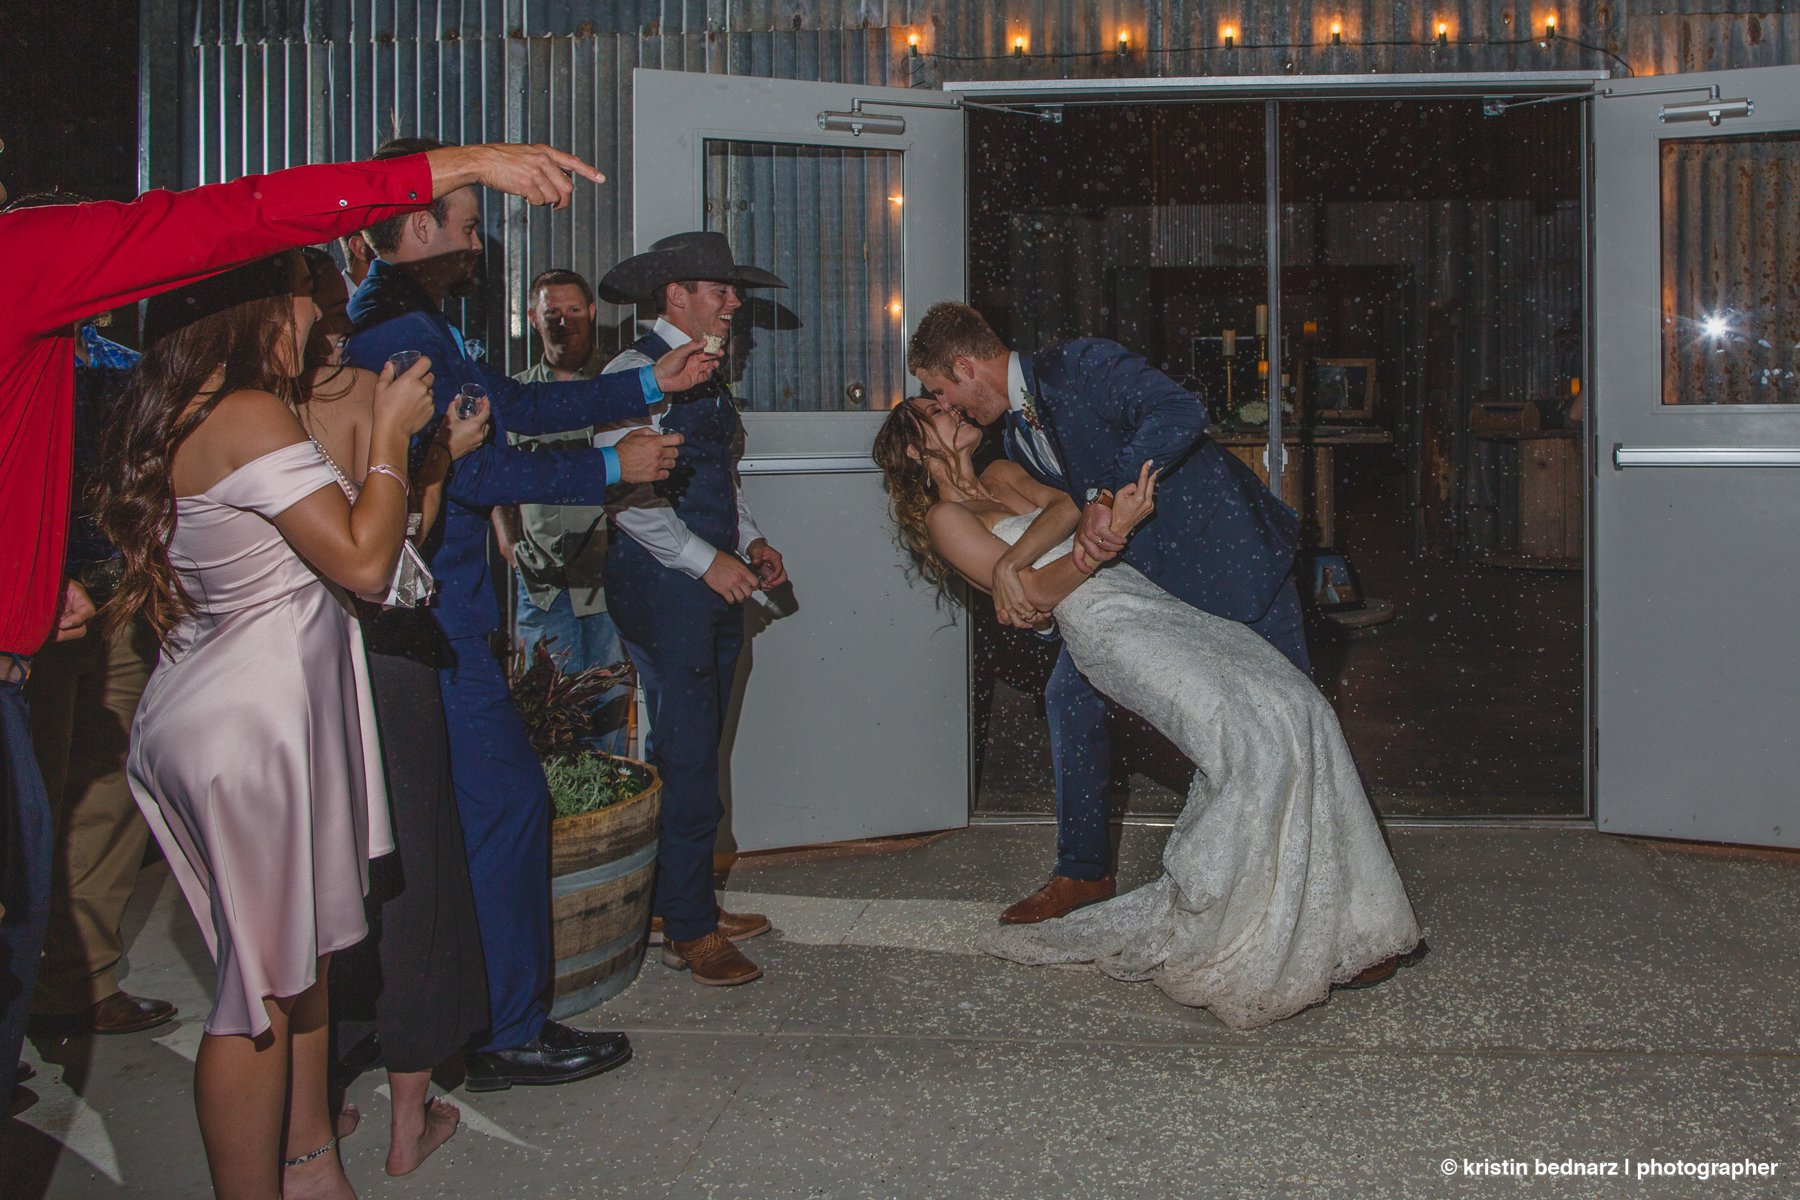 Krisitin_Bednarz_Lubbock_Wedding_Photographer_20180602_0107.JPG